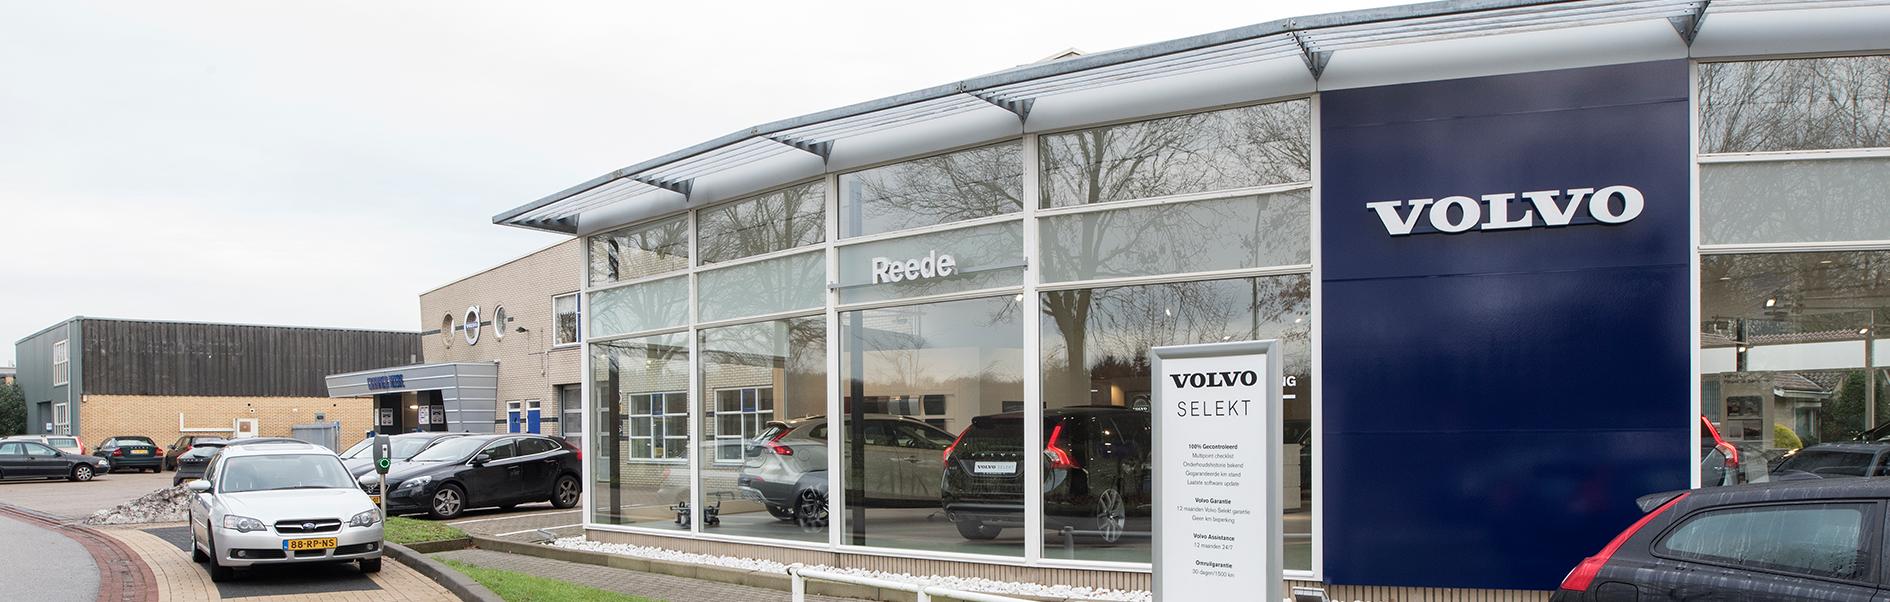 Volvo Reede Amerongen